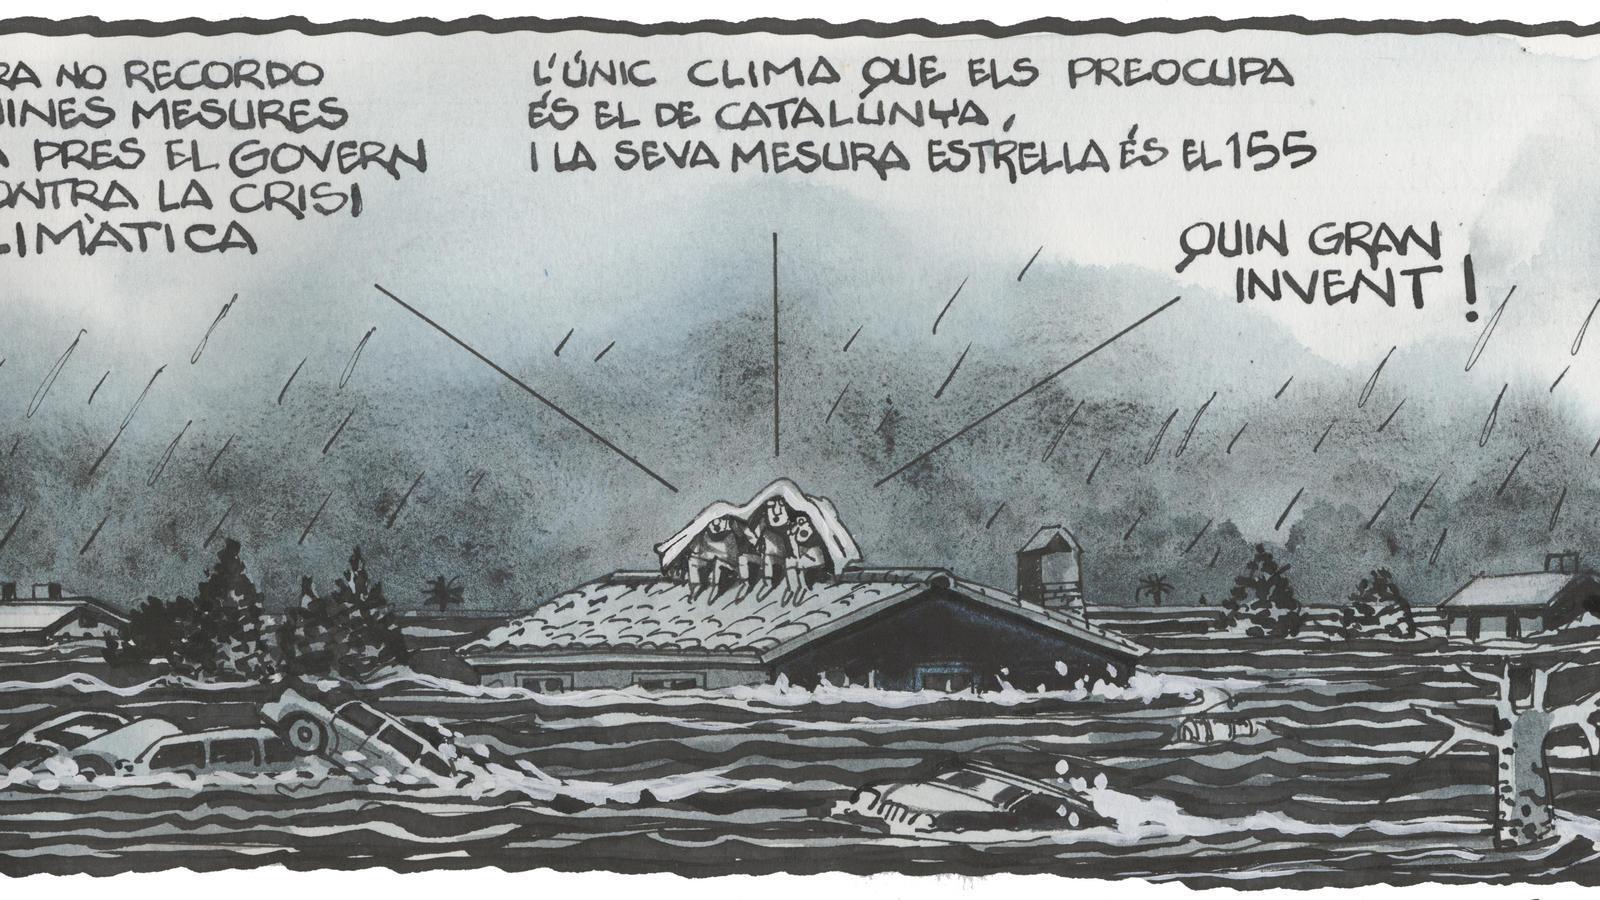 'A la contra', per Ferreres (18/09/2019)